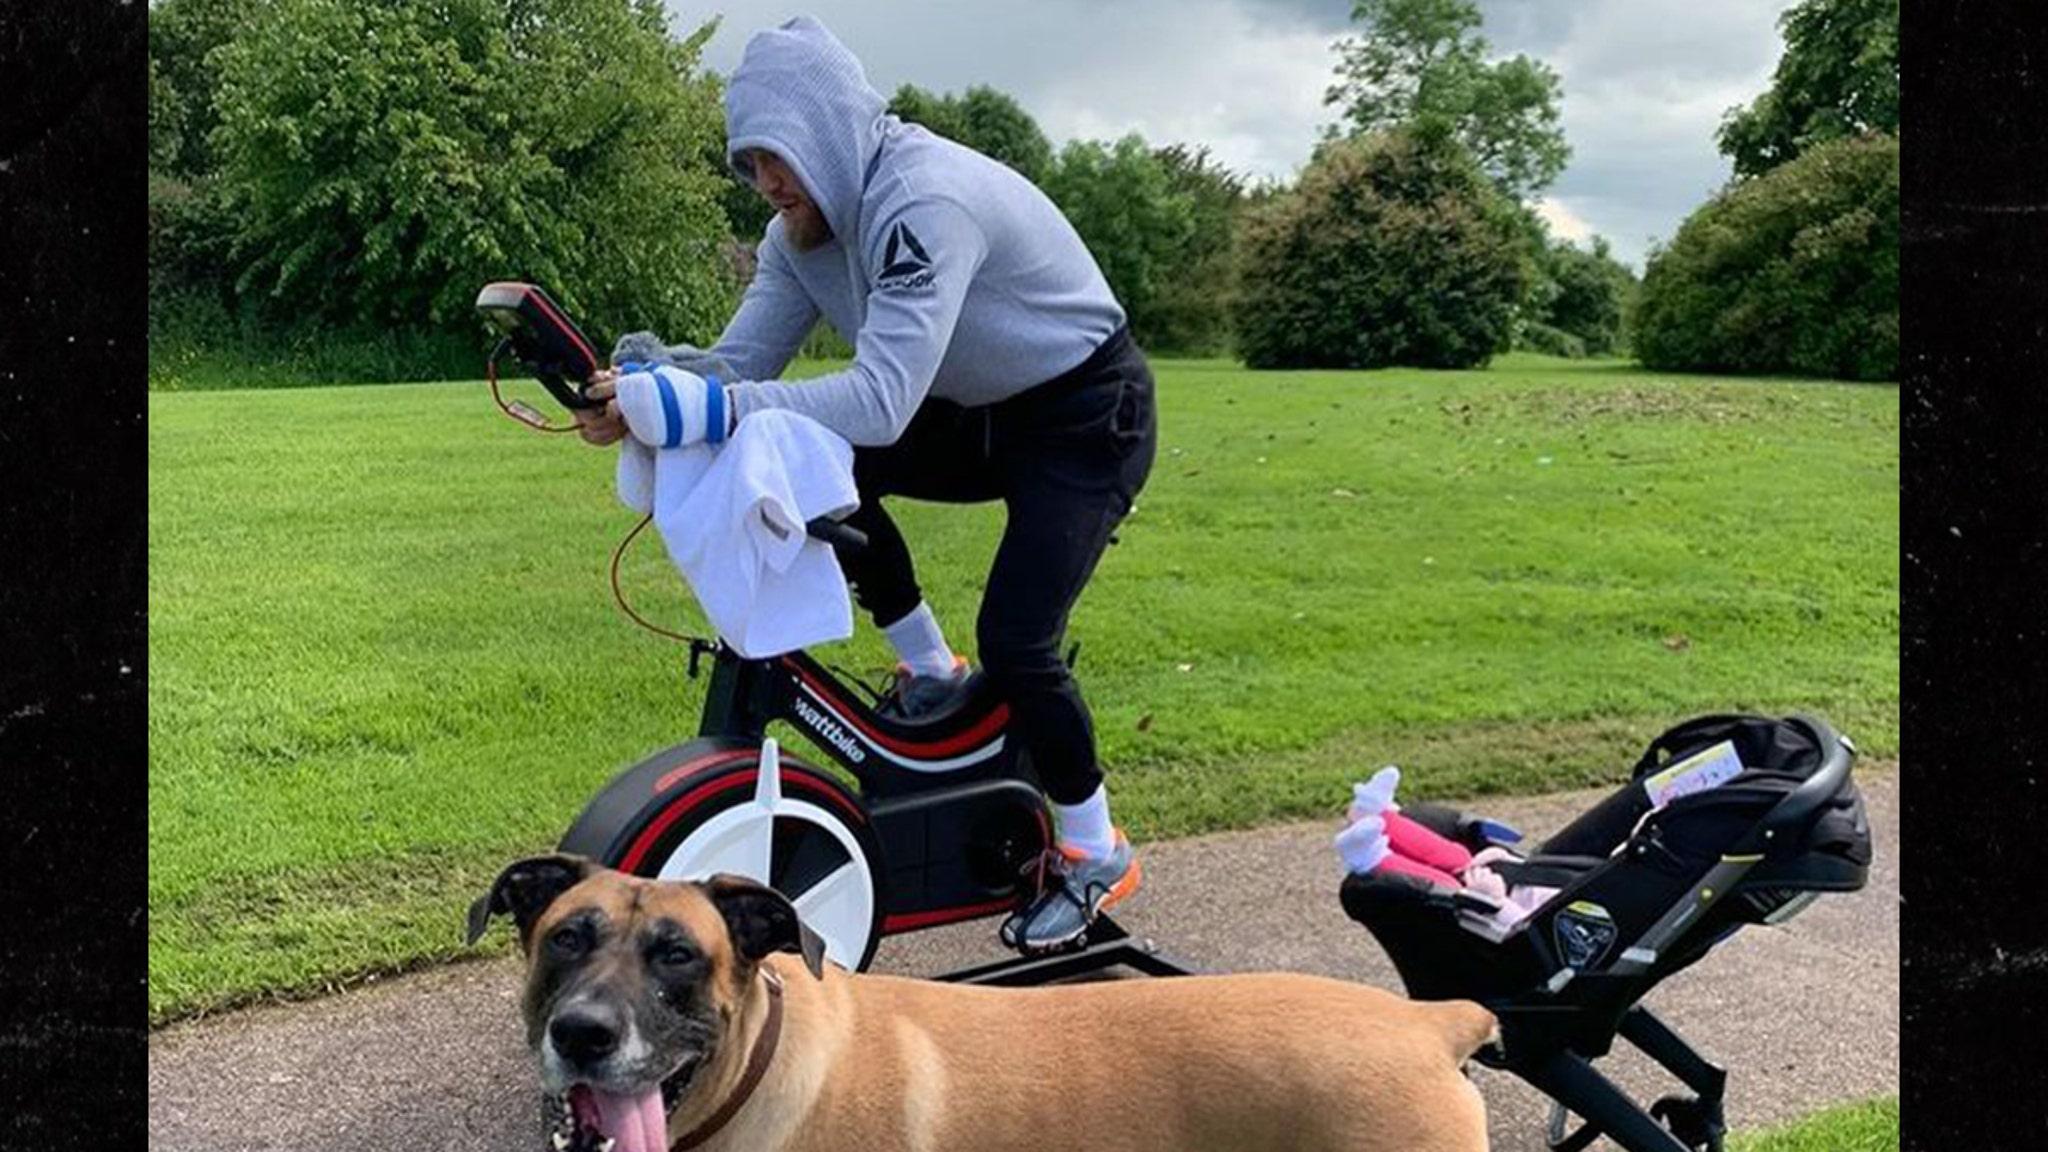 Conor McGregor Mourns Dog Hugo's Death, 'So Heart Broken'